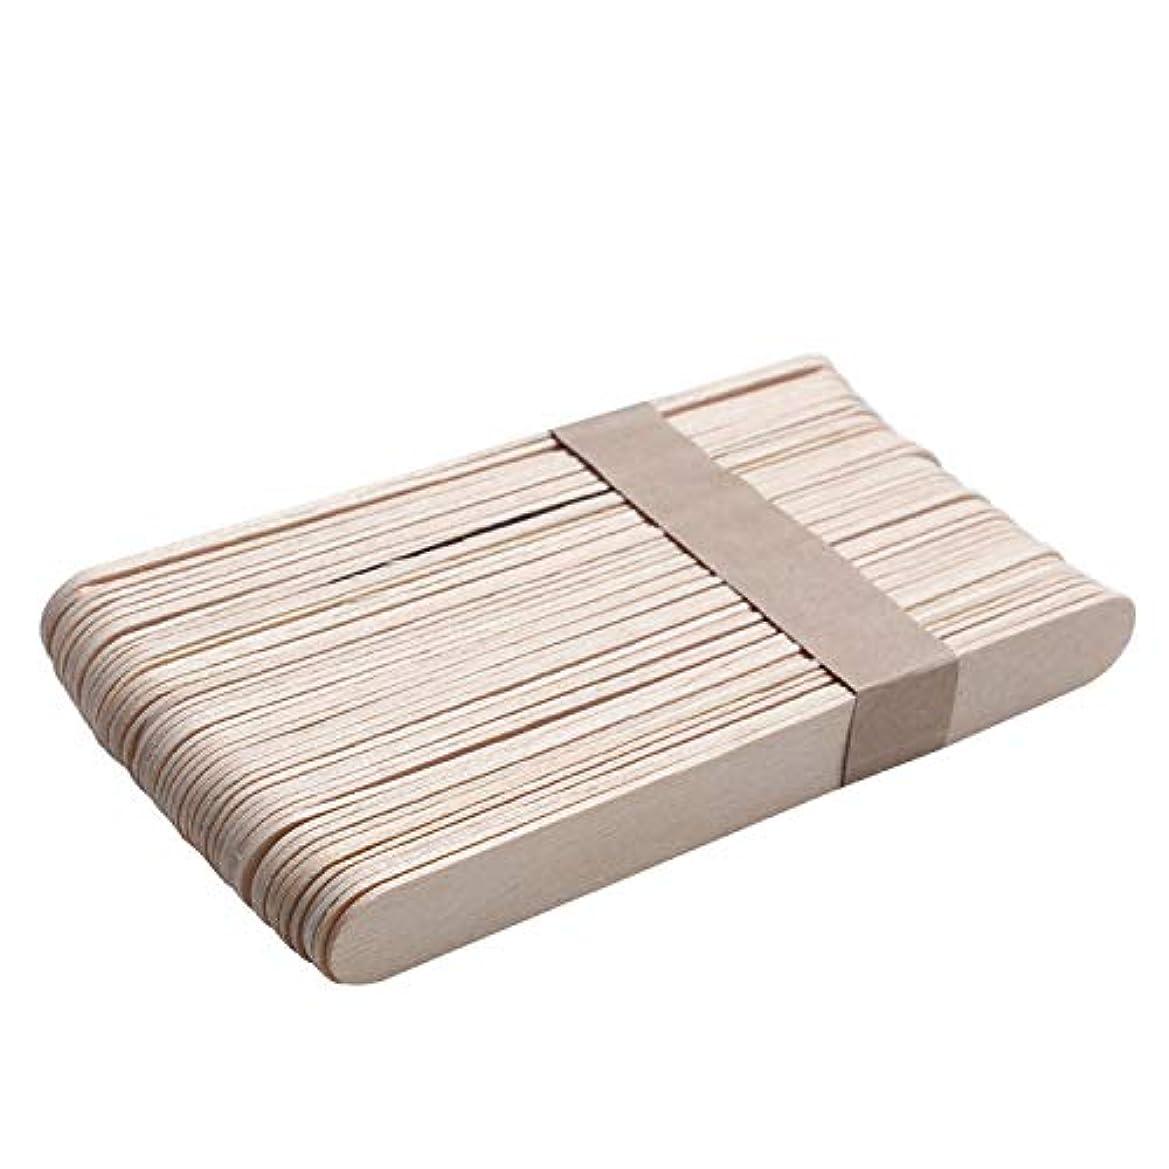 受粉する切り離す受付Migavann 50ピース15センチ木製ワックススティック 使い捨て木製ワックスヘラワックスアプリケータdiyフェイシャルマスクスティック